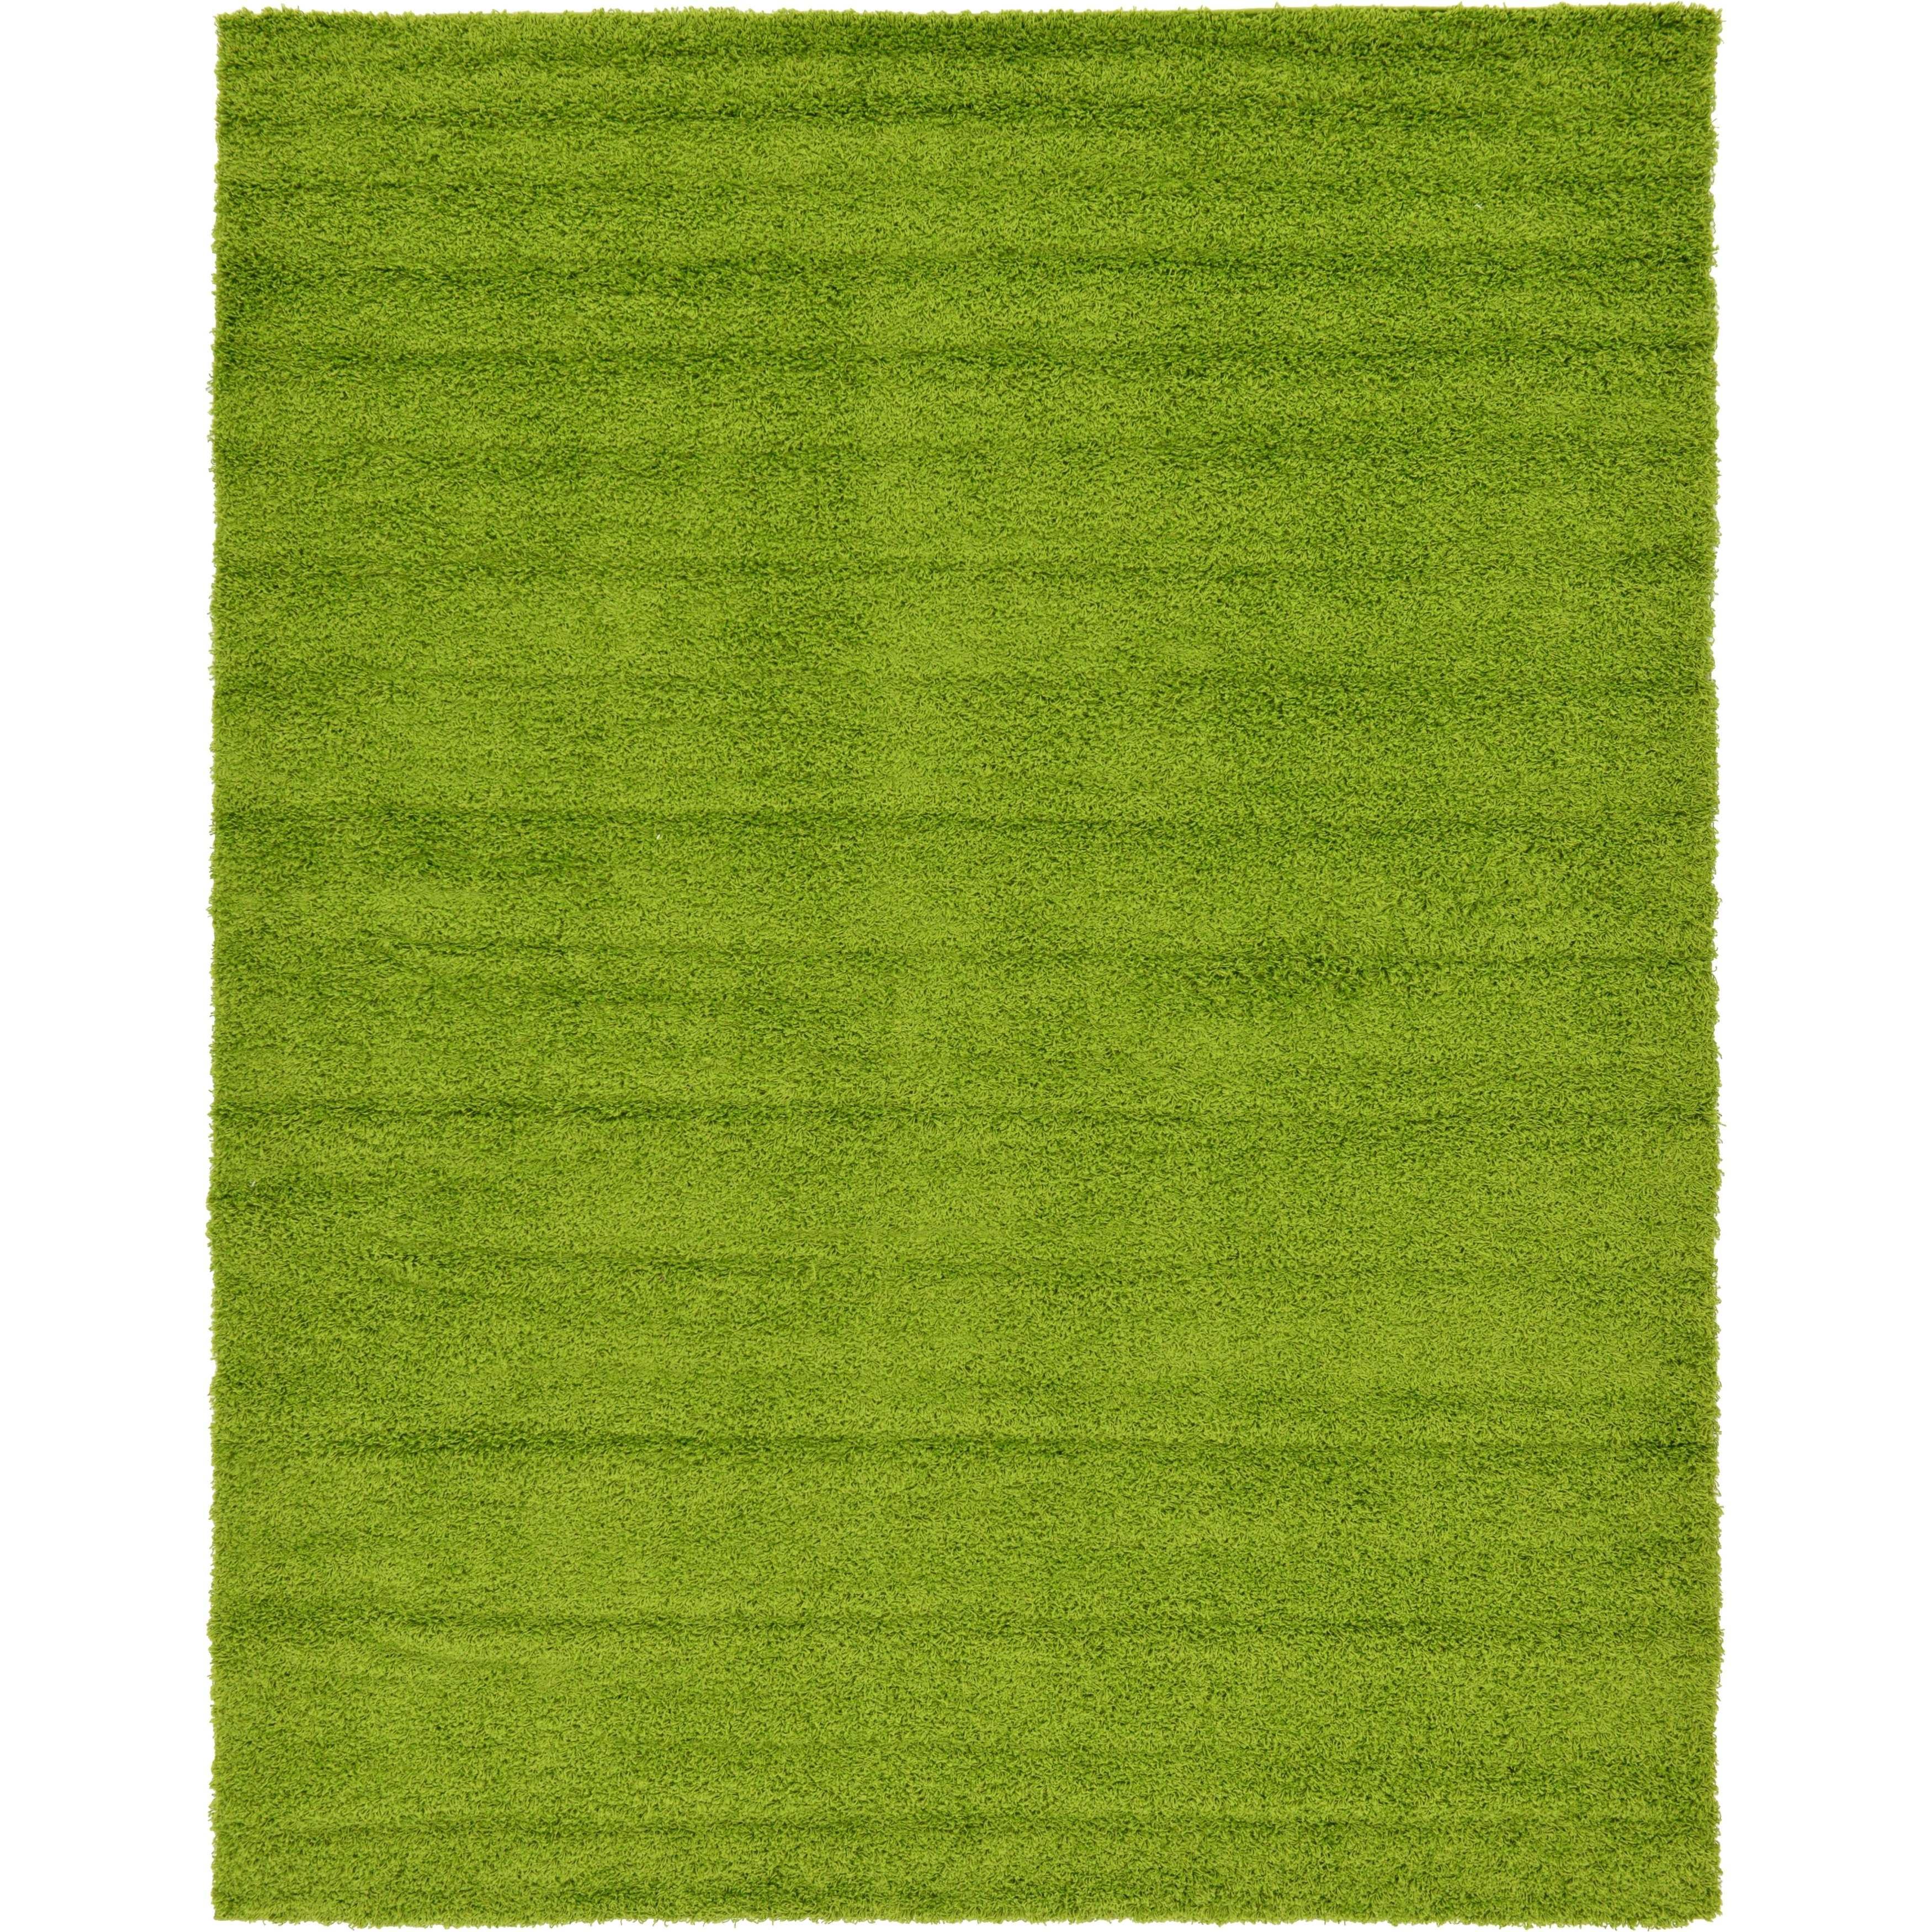 green rug unique loom solid shag area rug - 9u0027 x 12u0027 (option: grass TMDFSMW